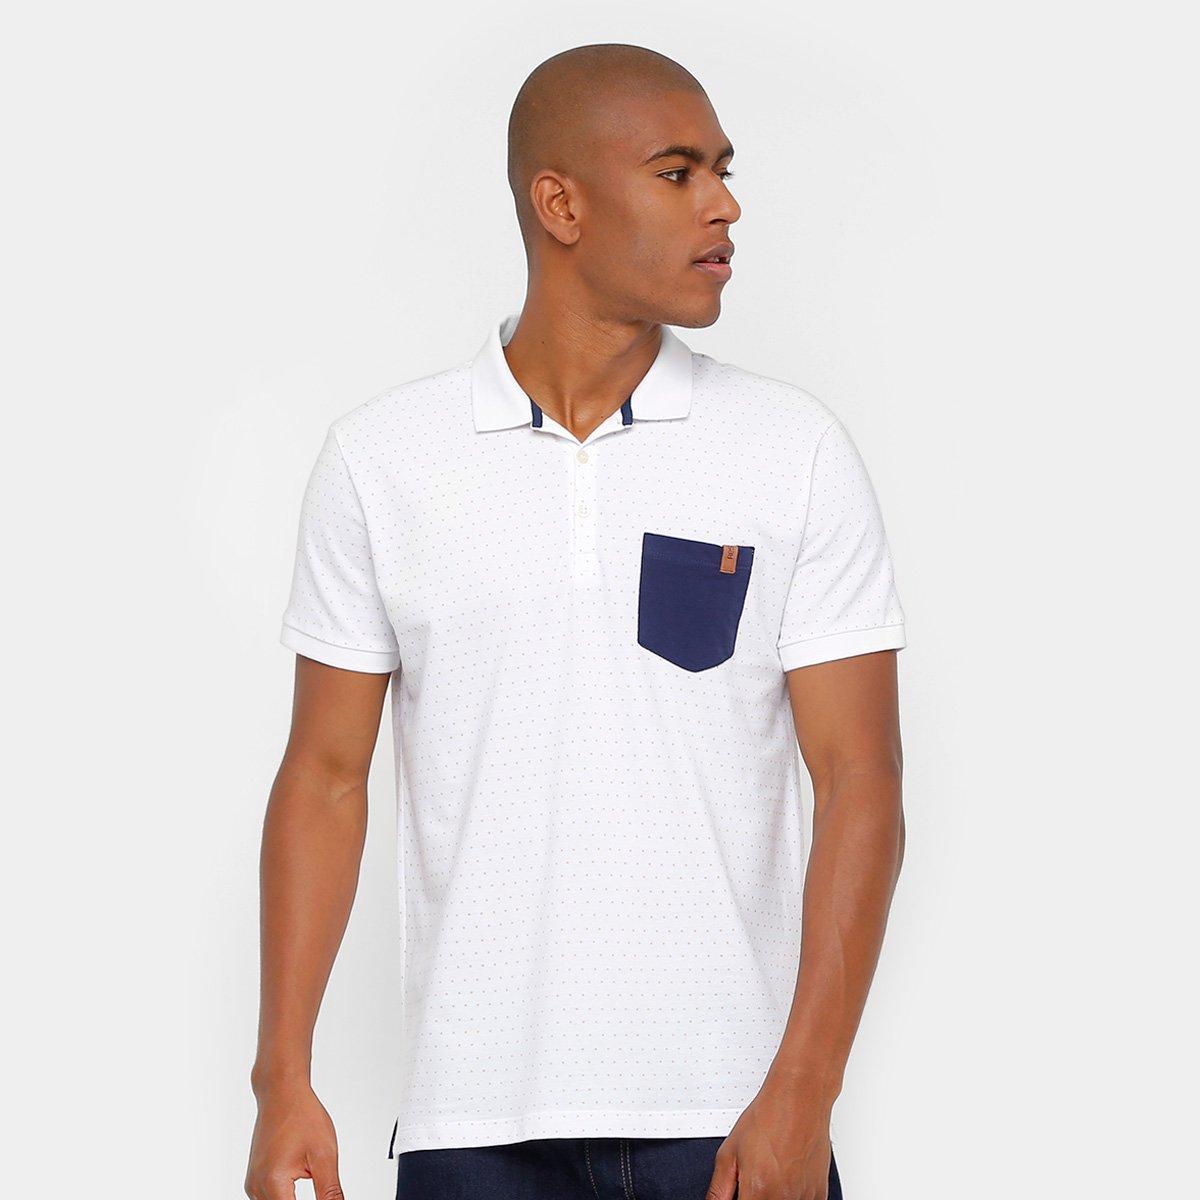 Camisa Polo Reserva Piquet Poá Bolso Masculina. undefined 5e24b6238340e